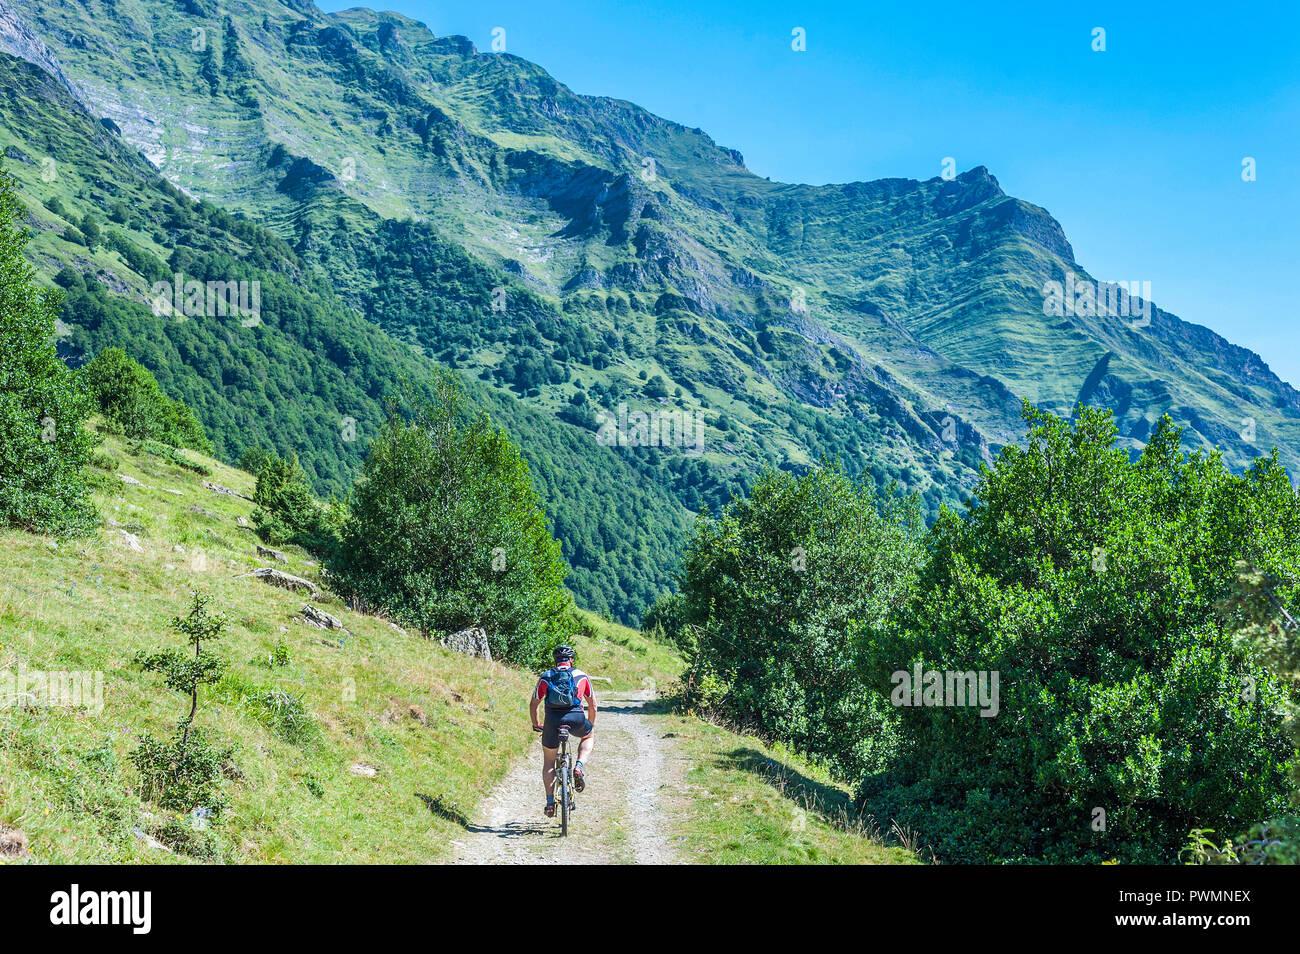 Francia, el Parque Nacional de los Pirineos, región Occitanie, Val d'Azun, Haute-Vallee d'Estaing, ciclista, mountain bike en una pista Imagen De Stock